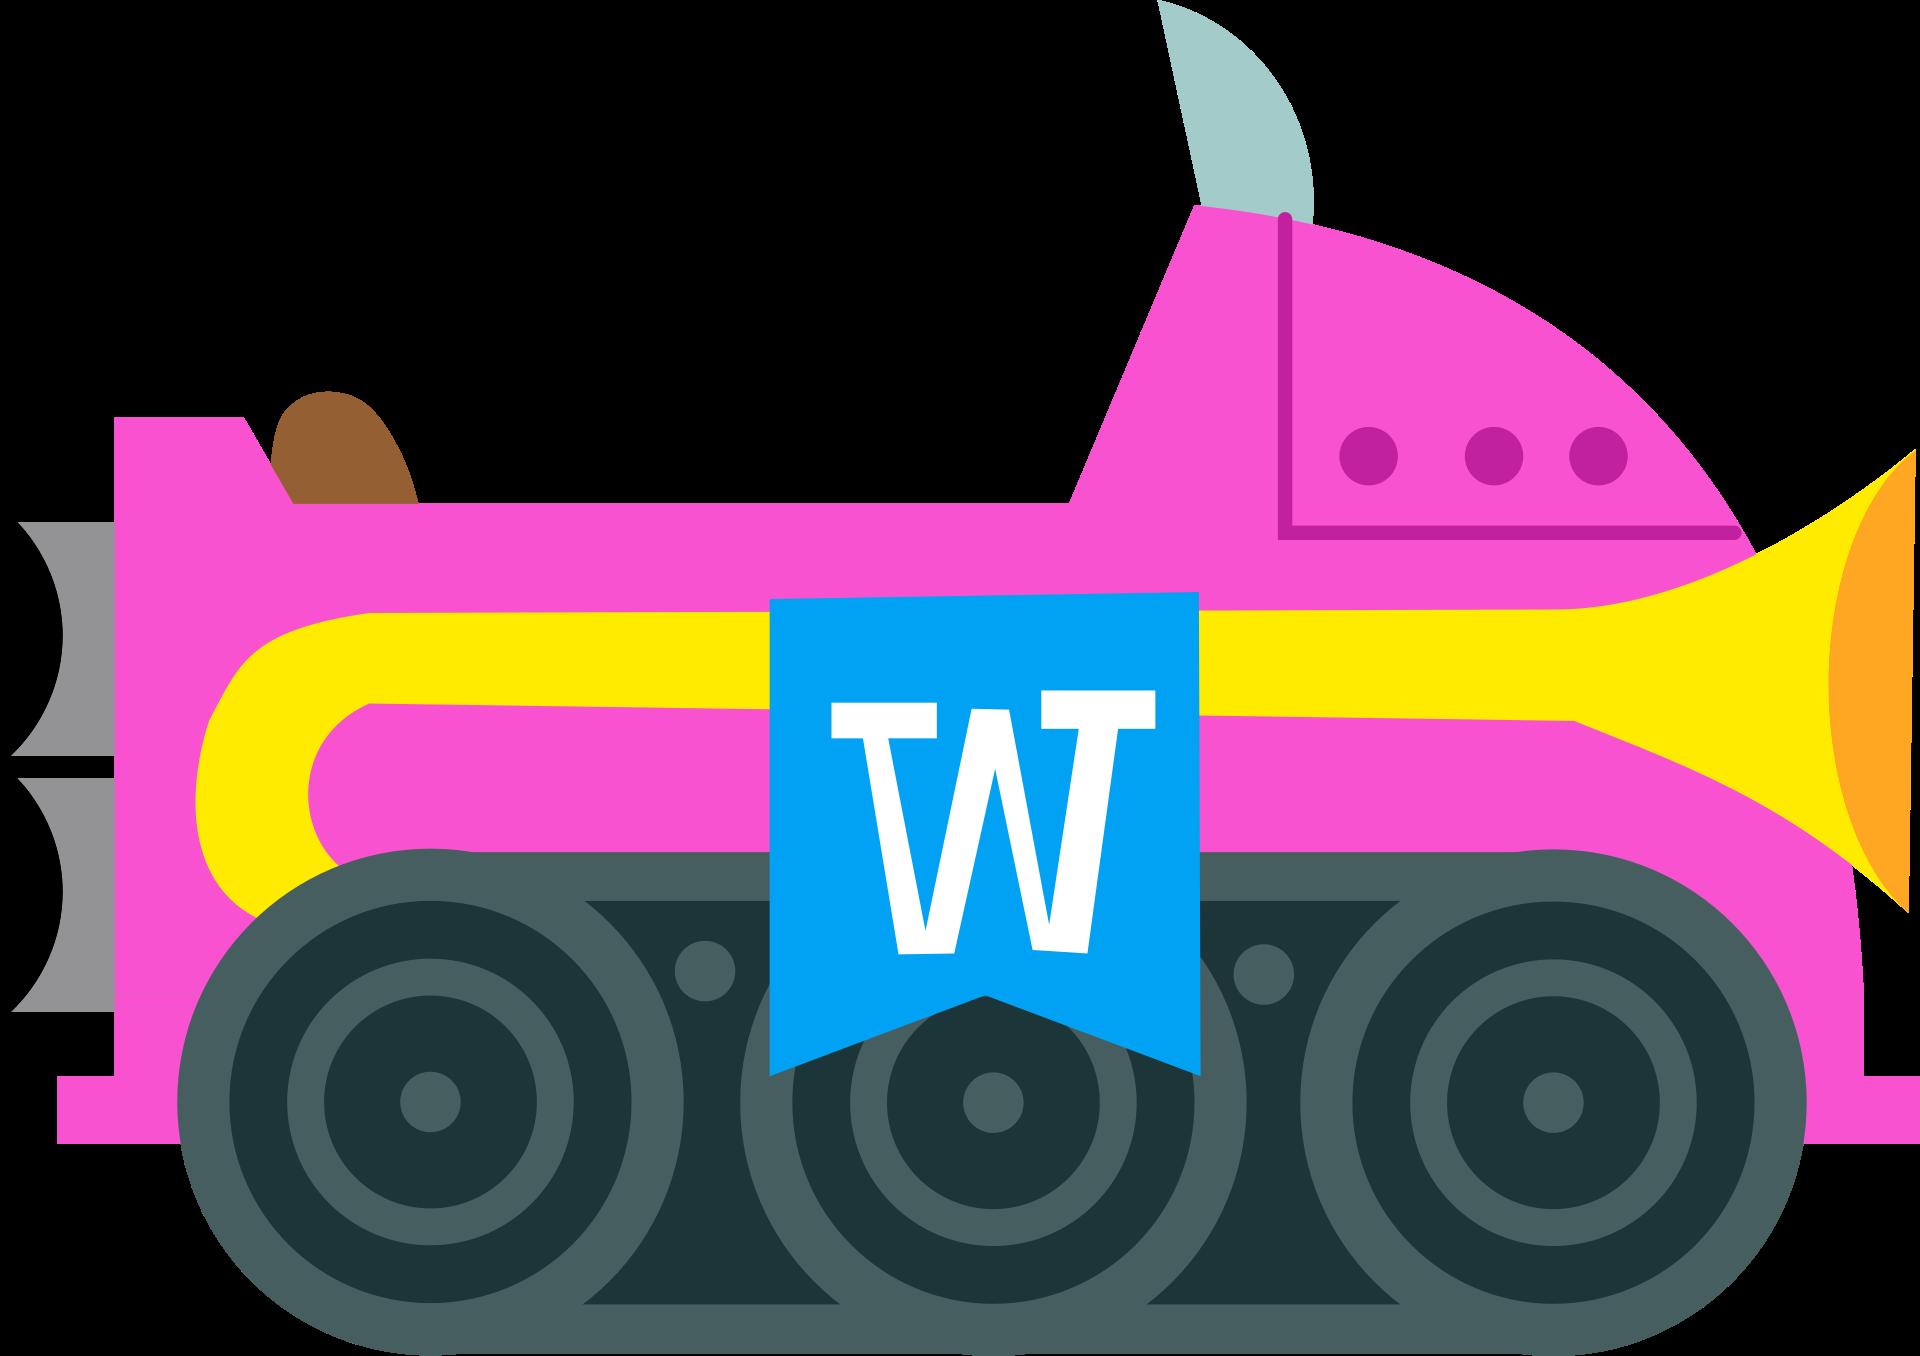 Princess Wonderful Kart Kingdom Wikia Fandom Powered By Wikia